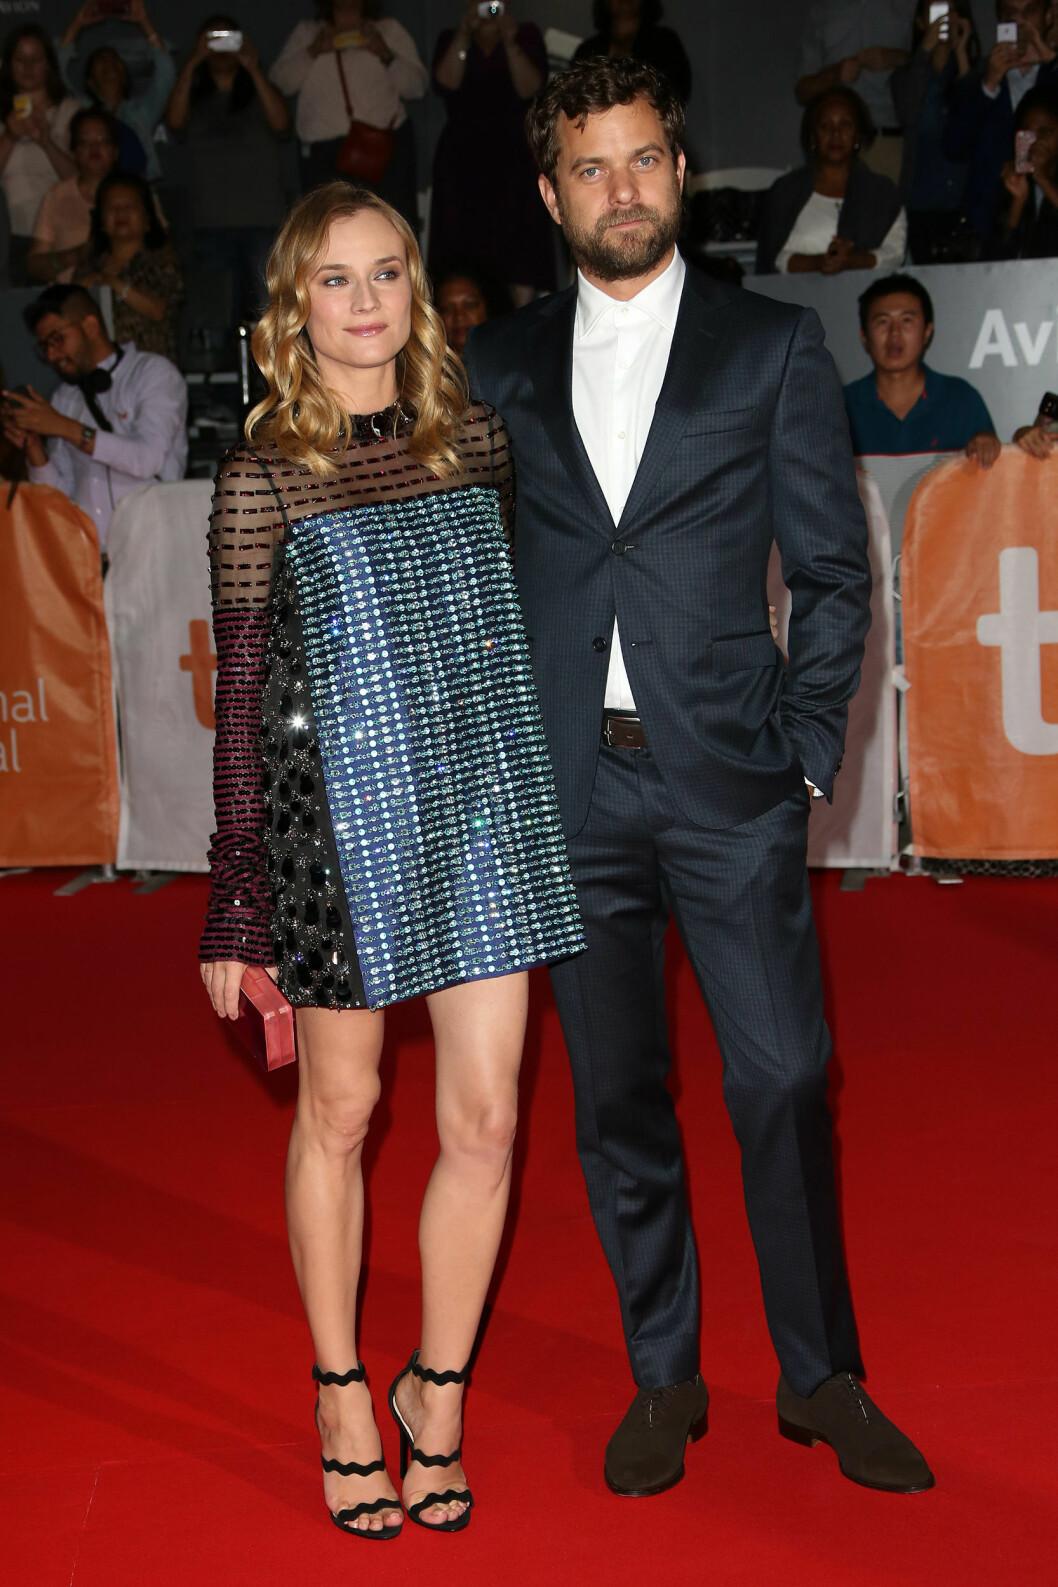 <strong>BRUDD:</strong> Etter 10 år valgte skuespillerparet Joshua Jackson og Diane Kruger å gå hvert til sitt. Bruddet ble kjent i sommer. Foto: NTB Scanpix